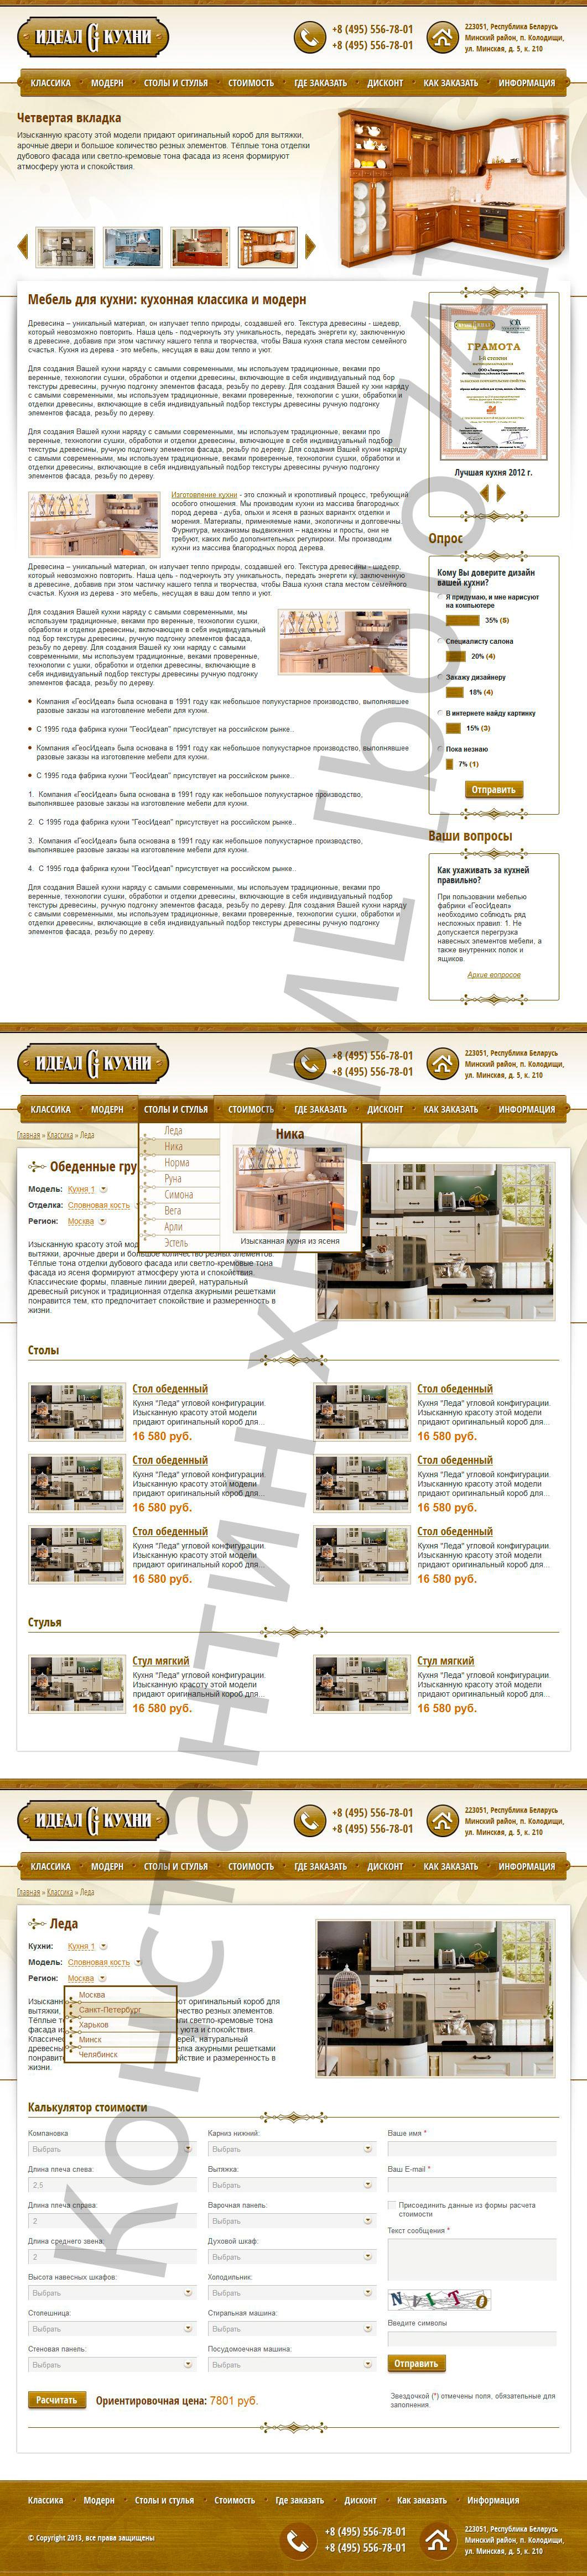 Интернет-магазин кухонной мебели